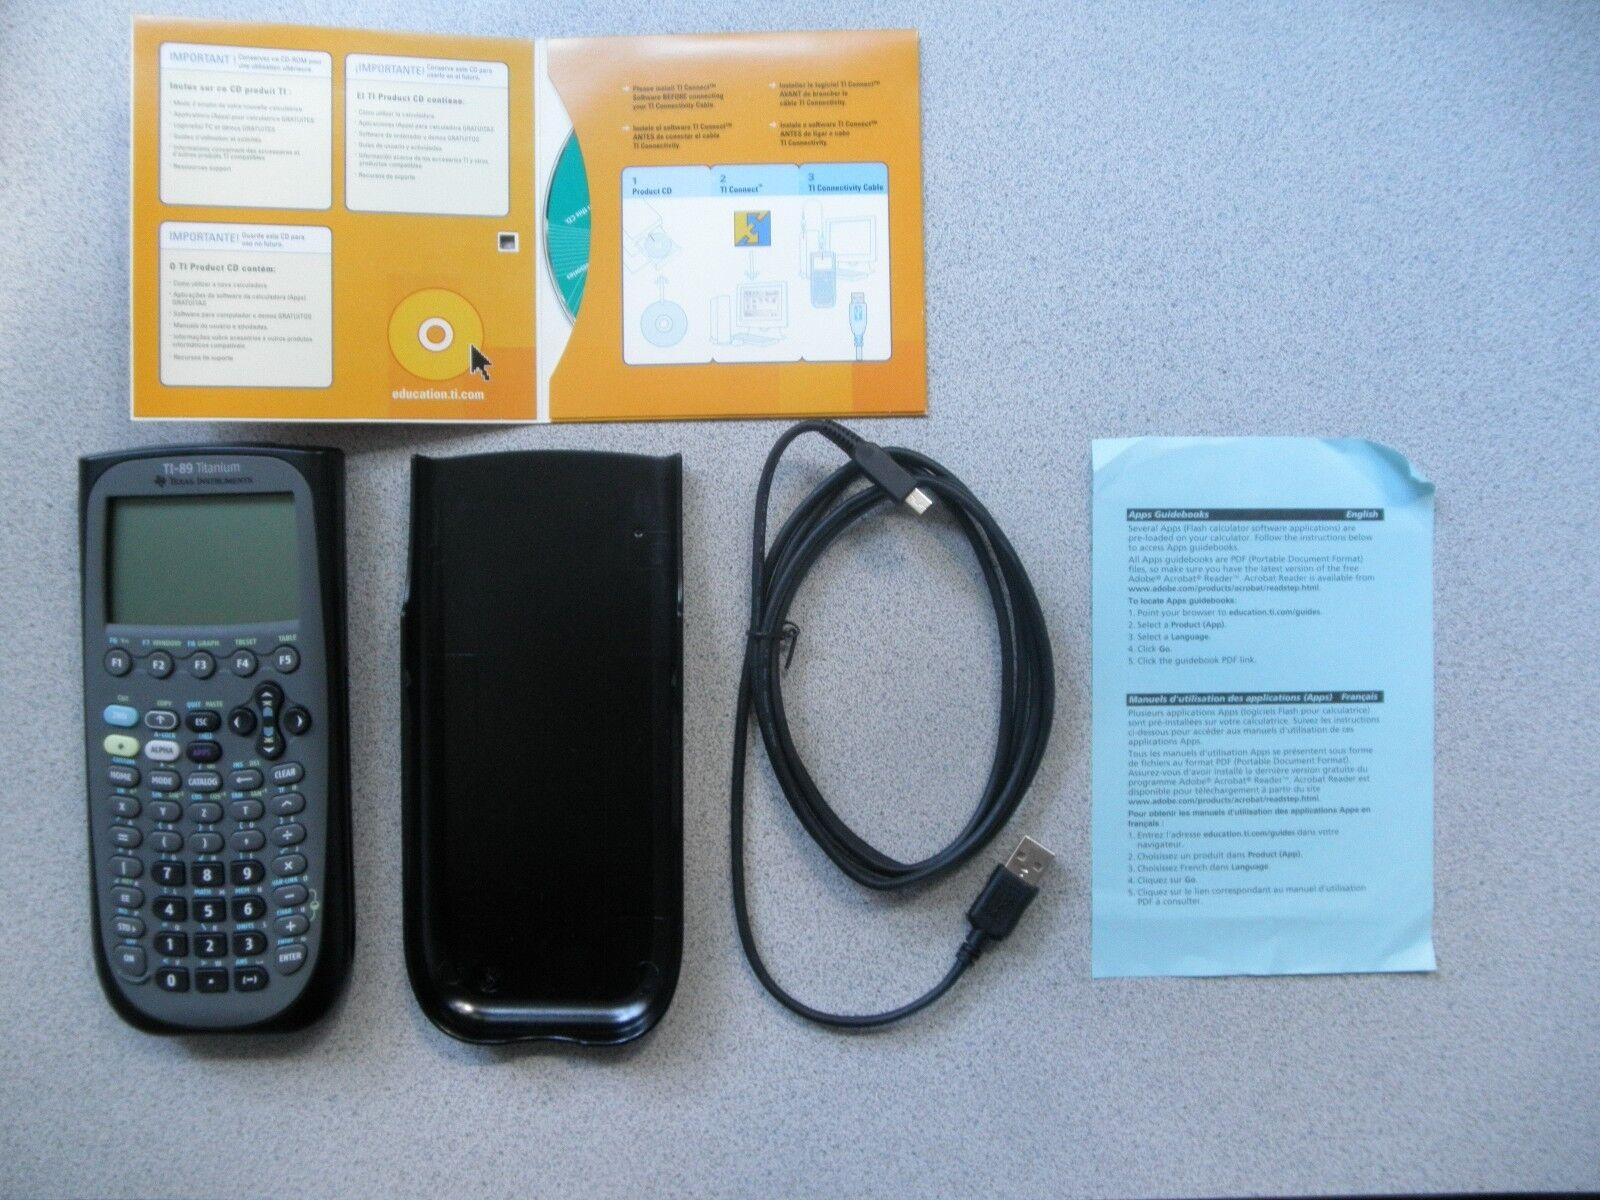 Texas InstrumentsTI-89 Titanium Graphing Calculator